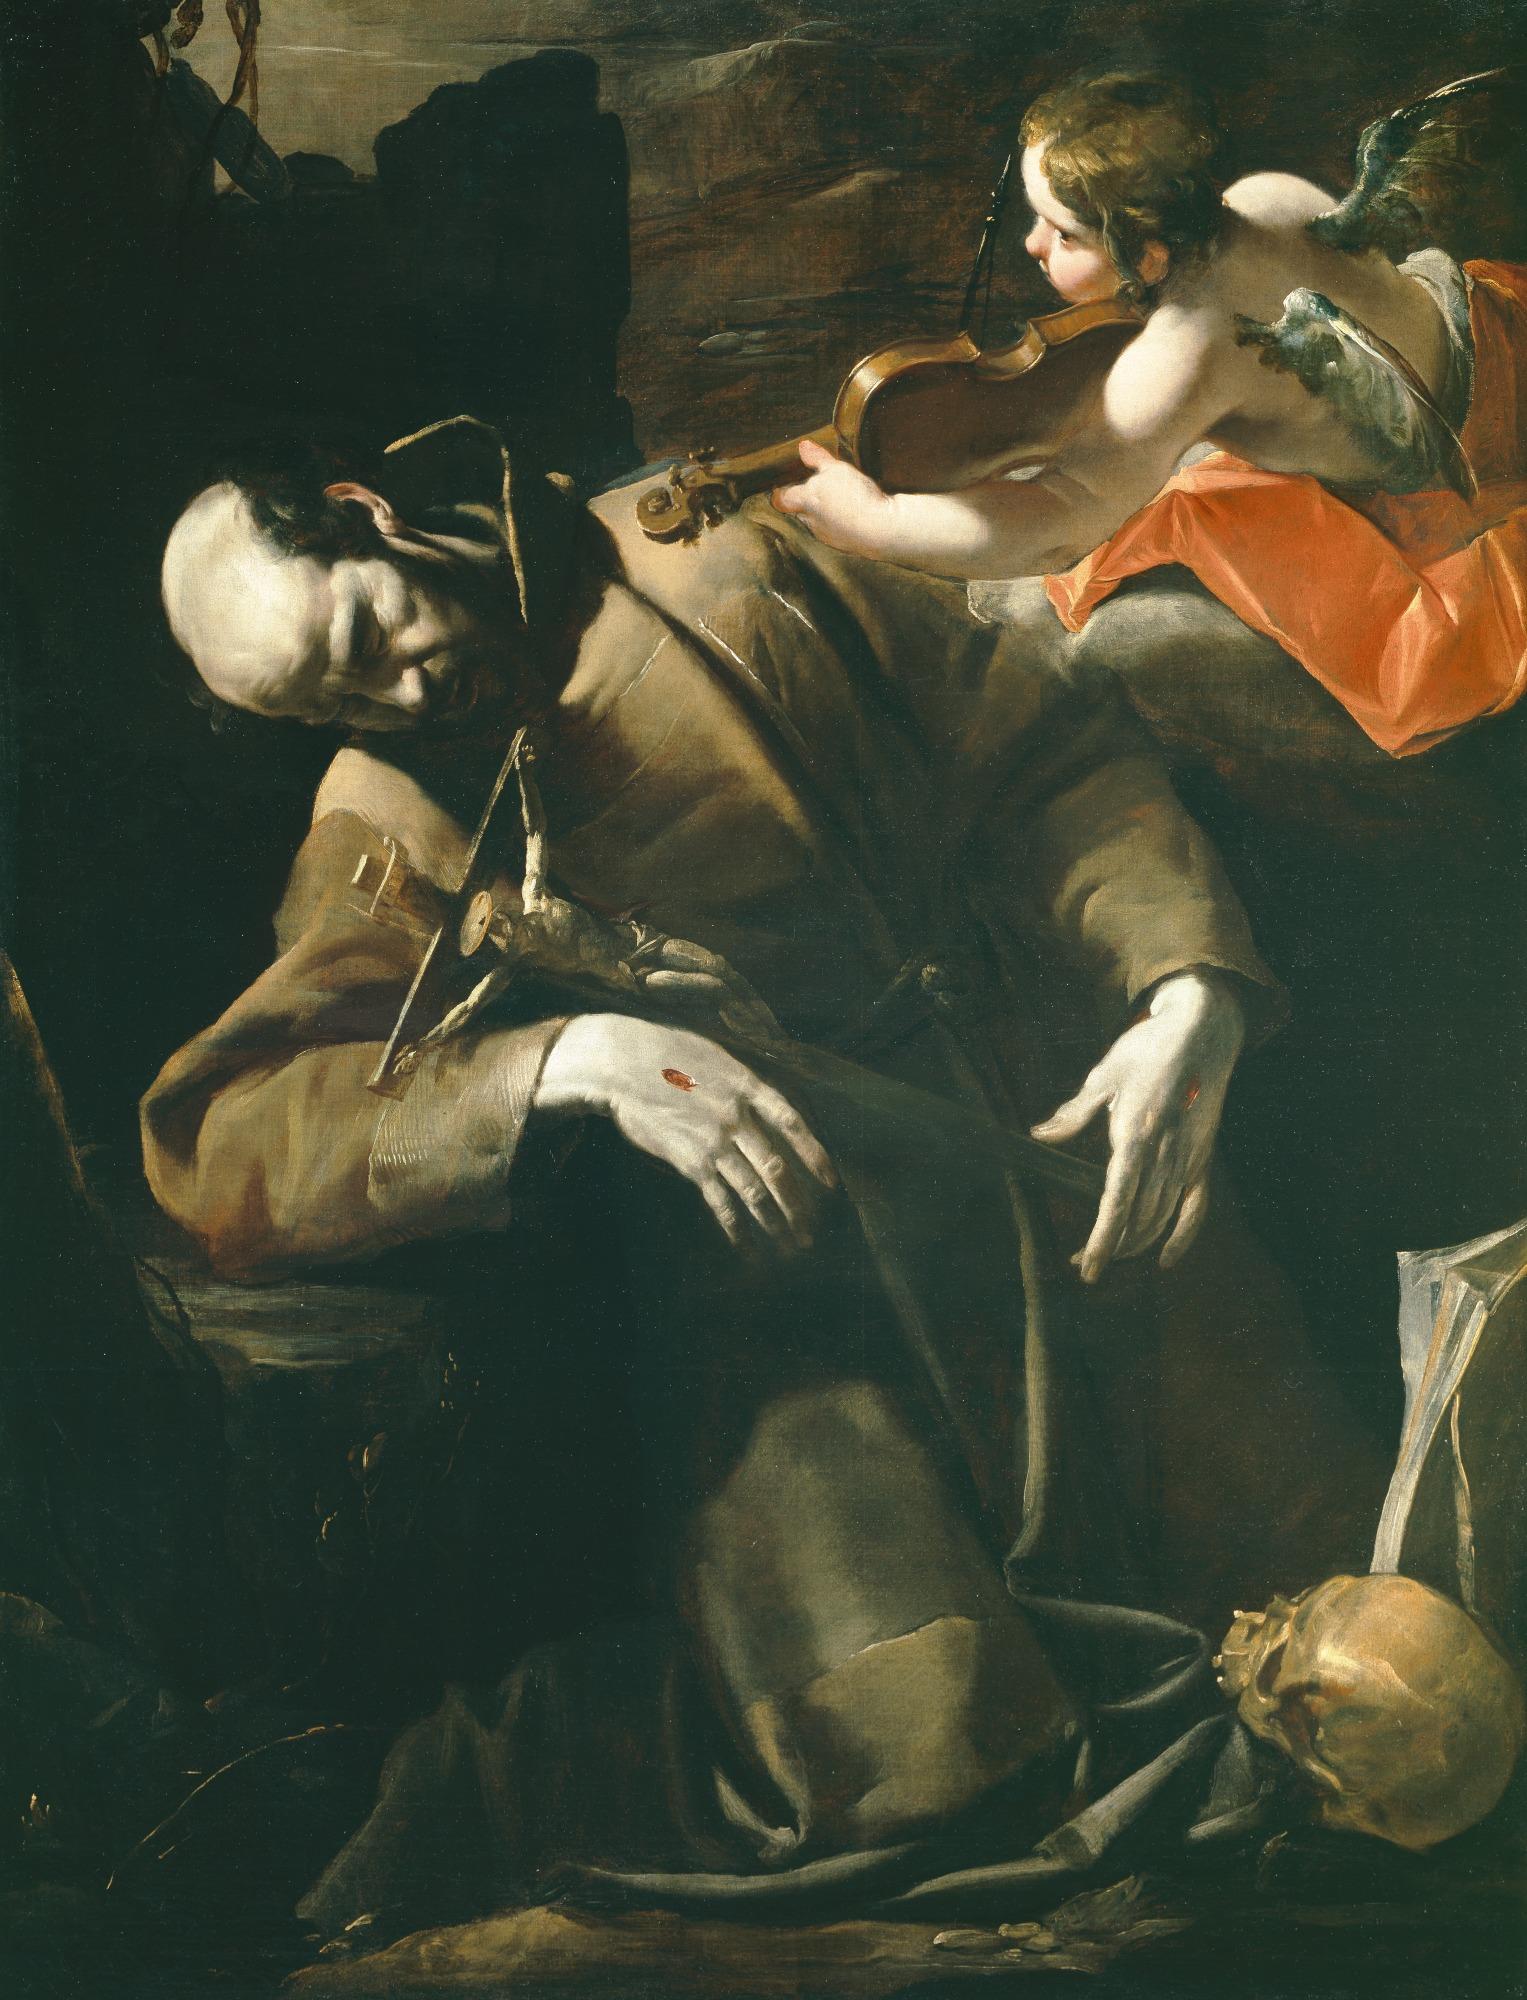 St. Francis in Ecstasy before Cherub with Violin, Gioacchino Assereto